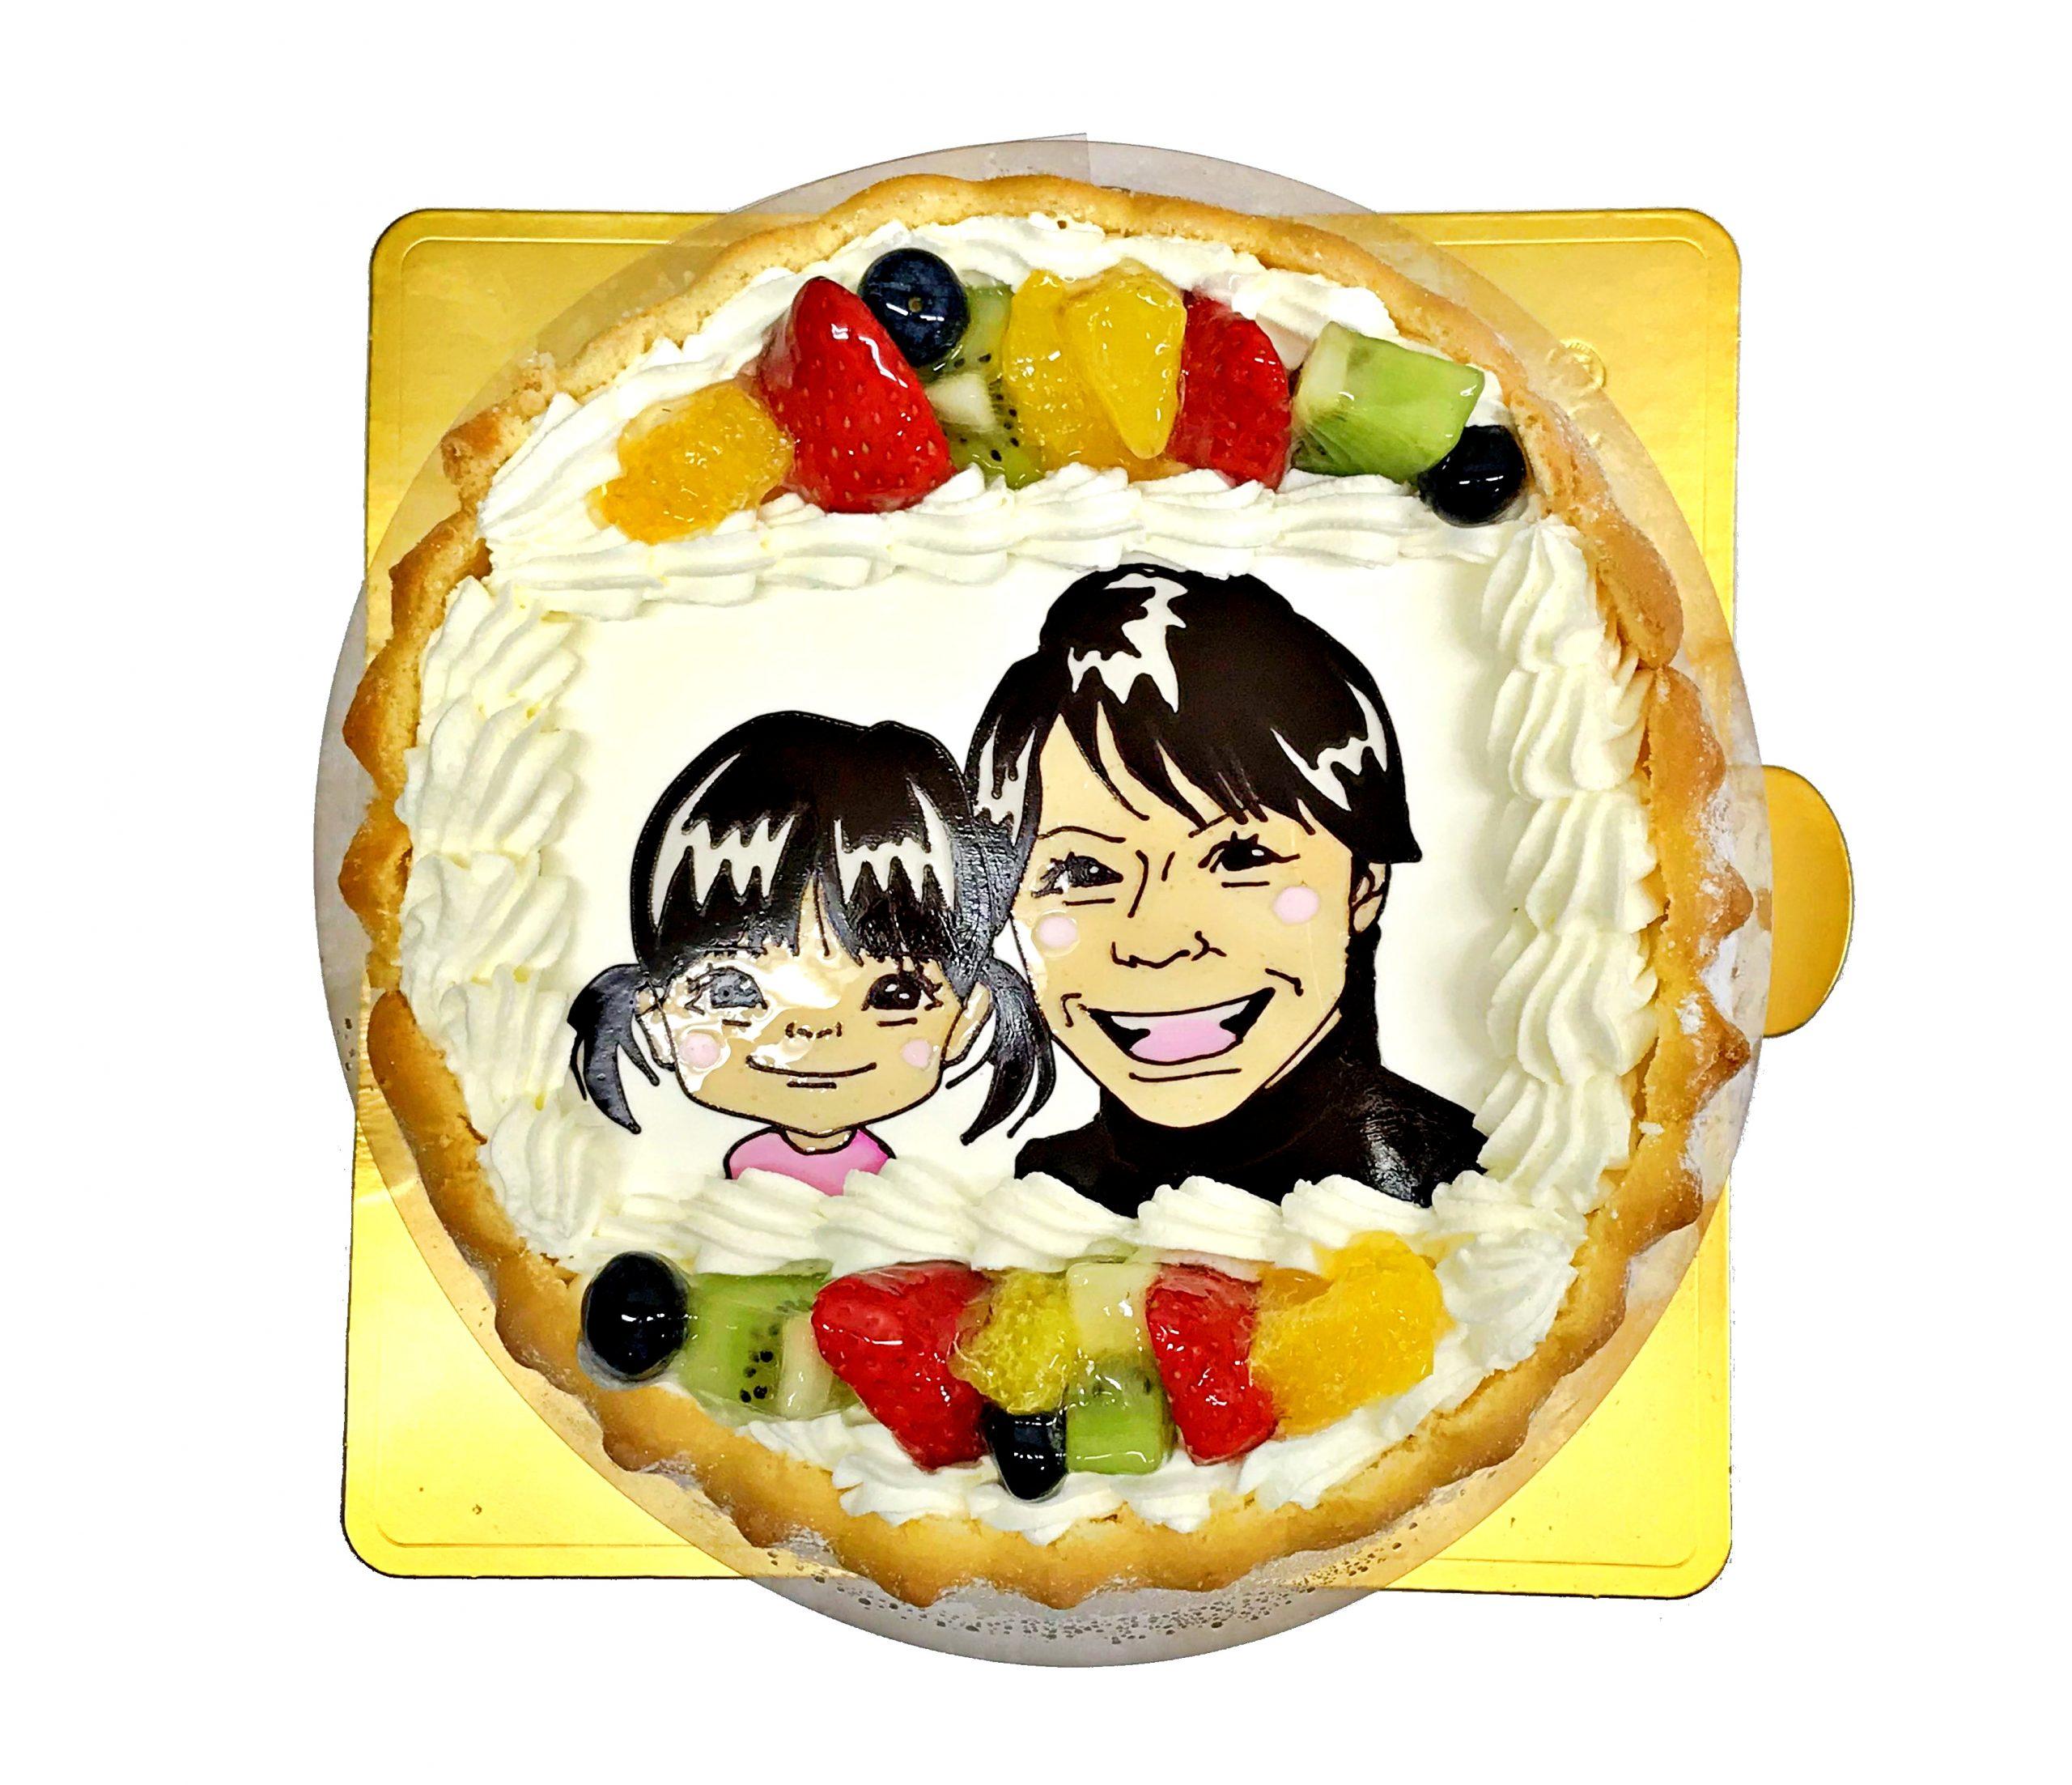 似顔絵ケーキ 子供とツーショット